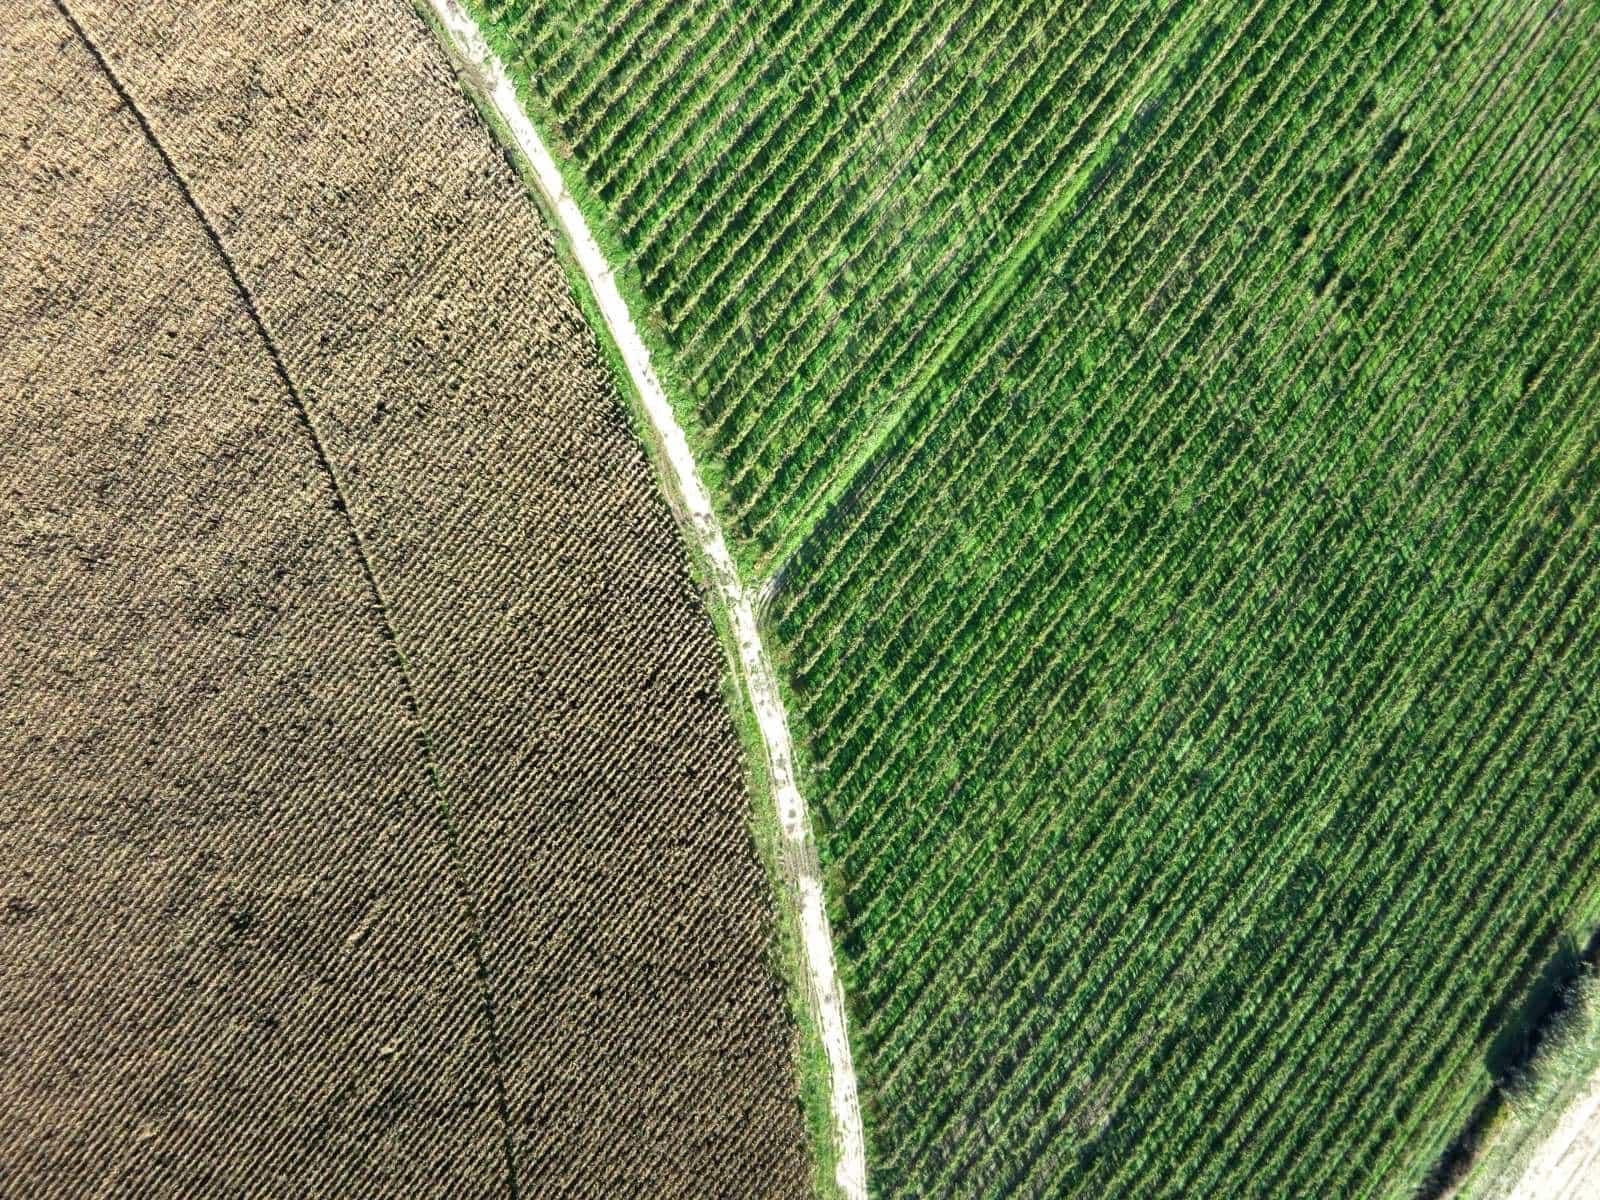 Pivot de milho e vinha